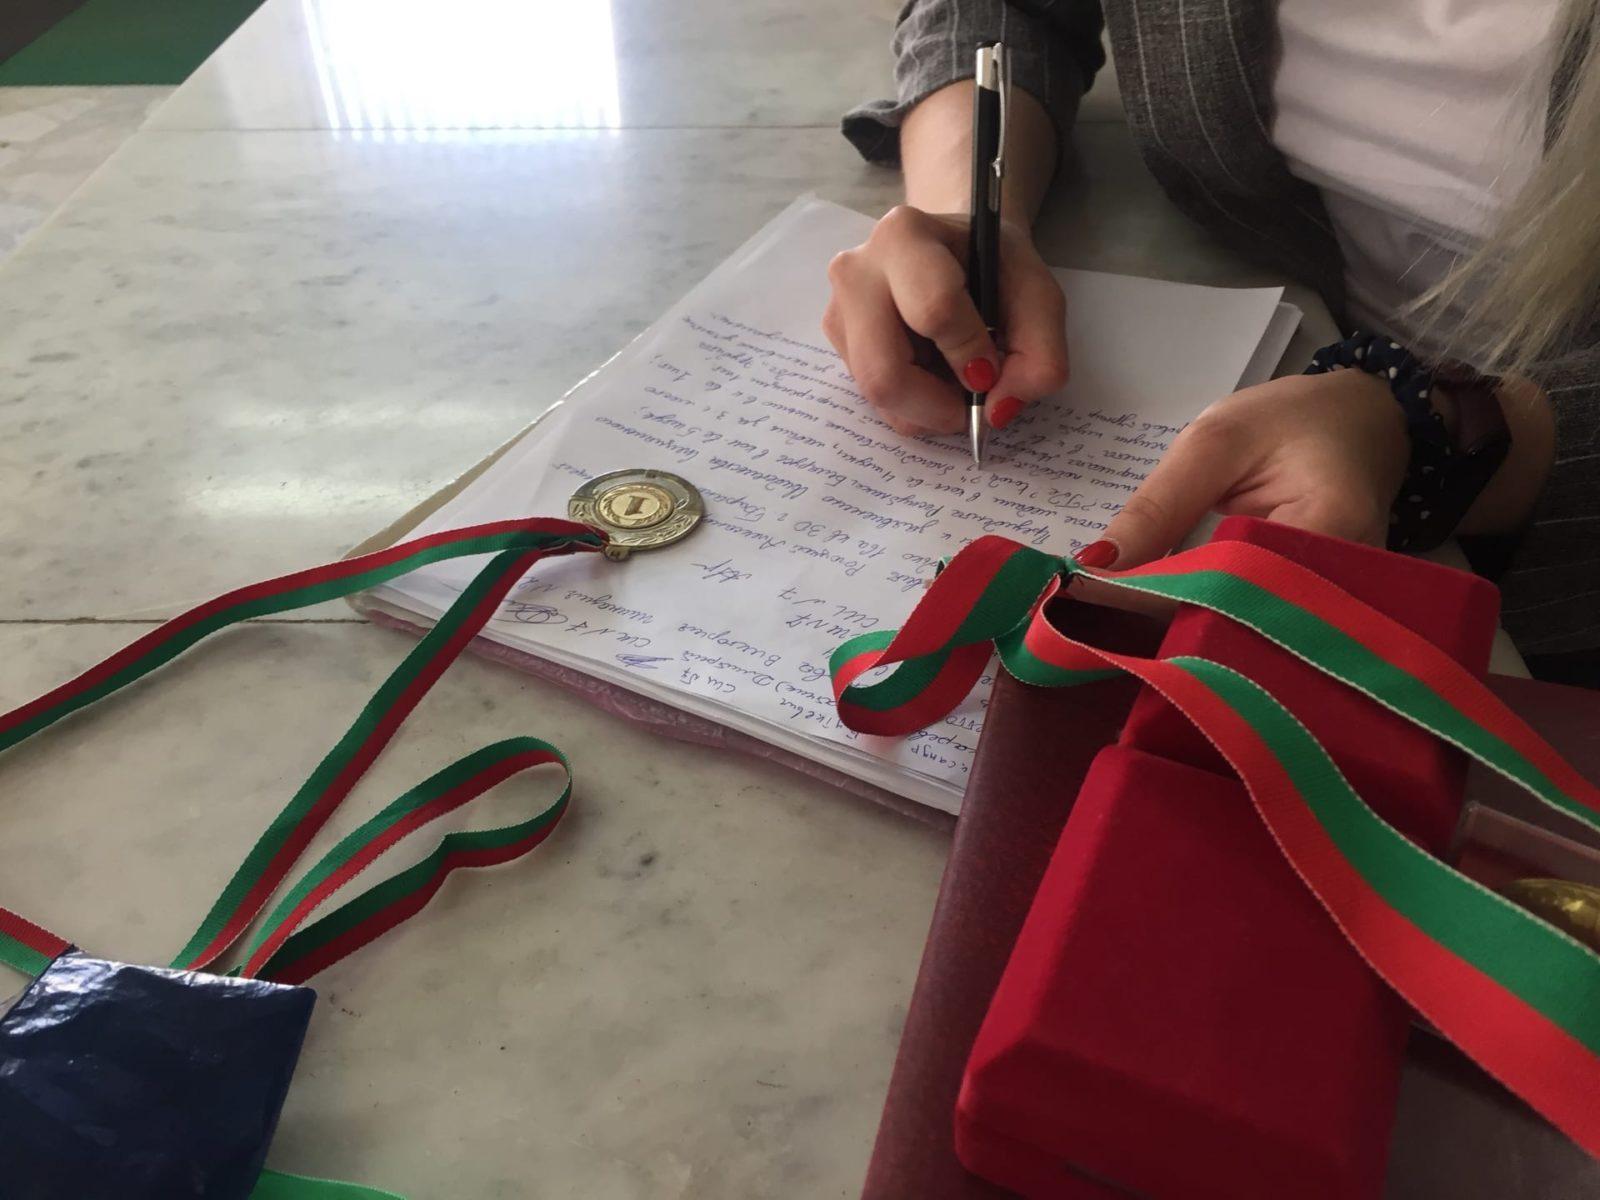 Александра Рогоцкая, одна из барановичских выпускников, указывает в обращении весь перечень медалей, грамот и других наград. Фото: Диана КОСЯКИНА